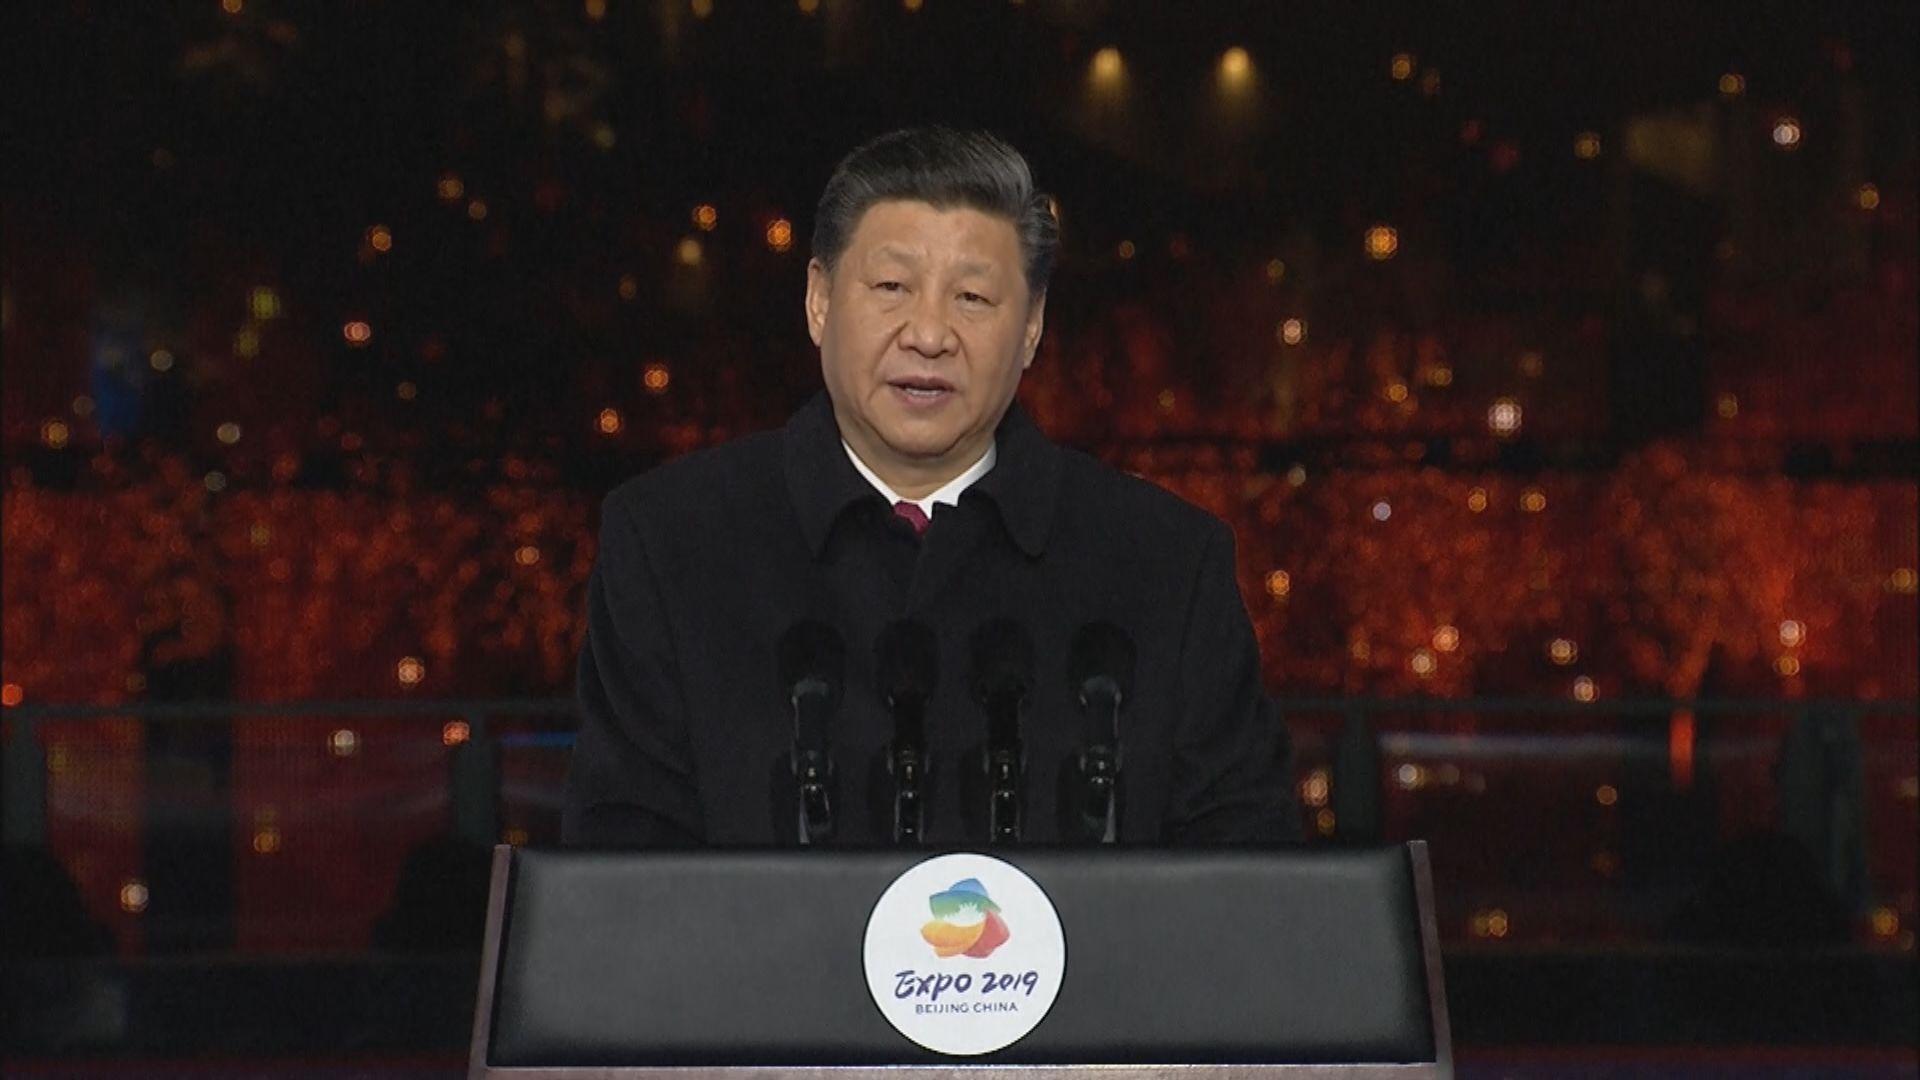 習近平出席北京世界園藝博覽會開幕